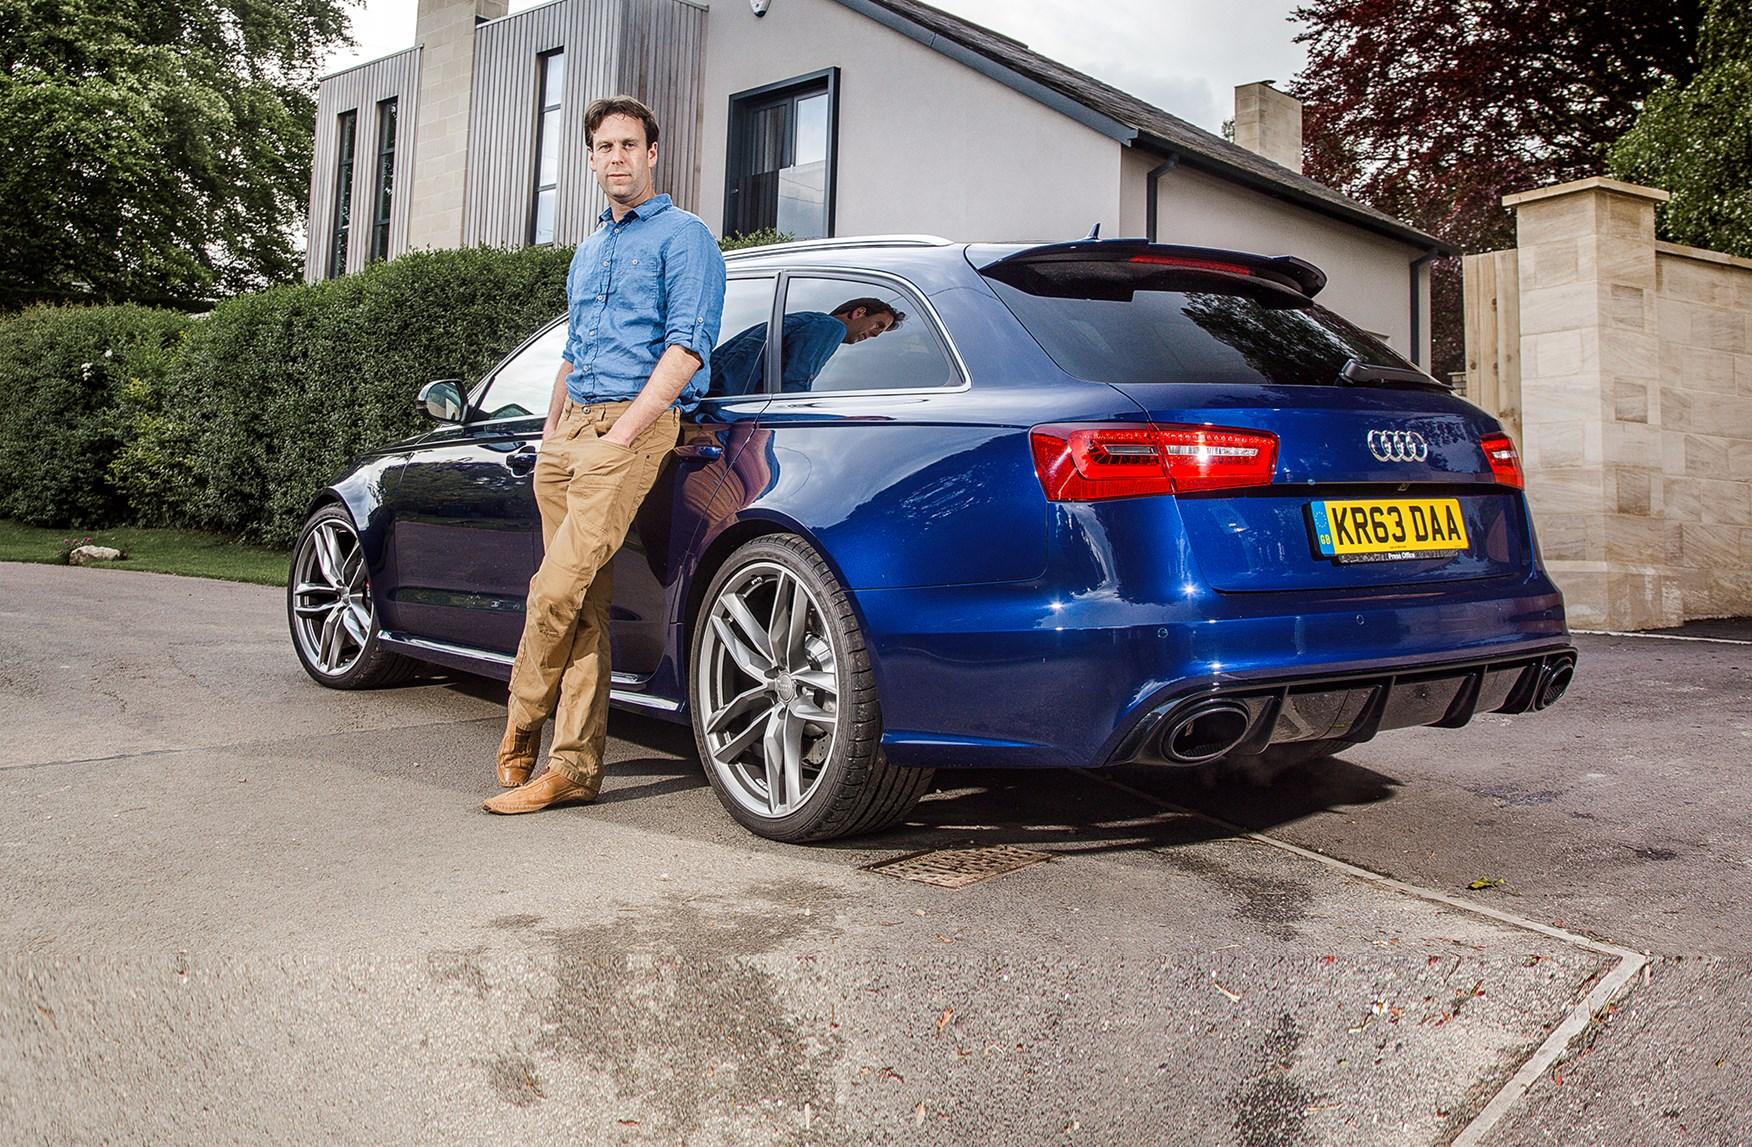 Kelebihan Audi Rs6 2015 Perbandingan Harga